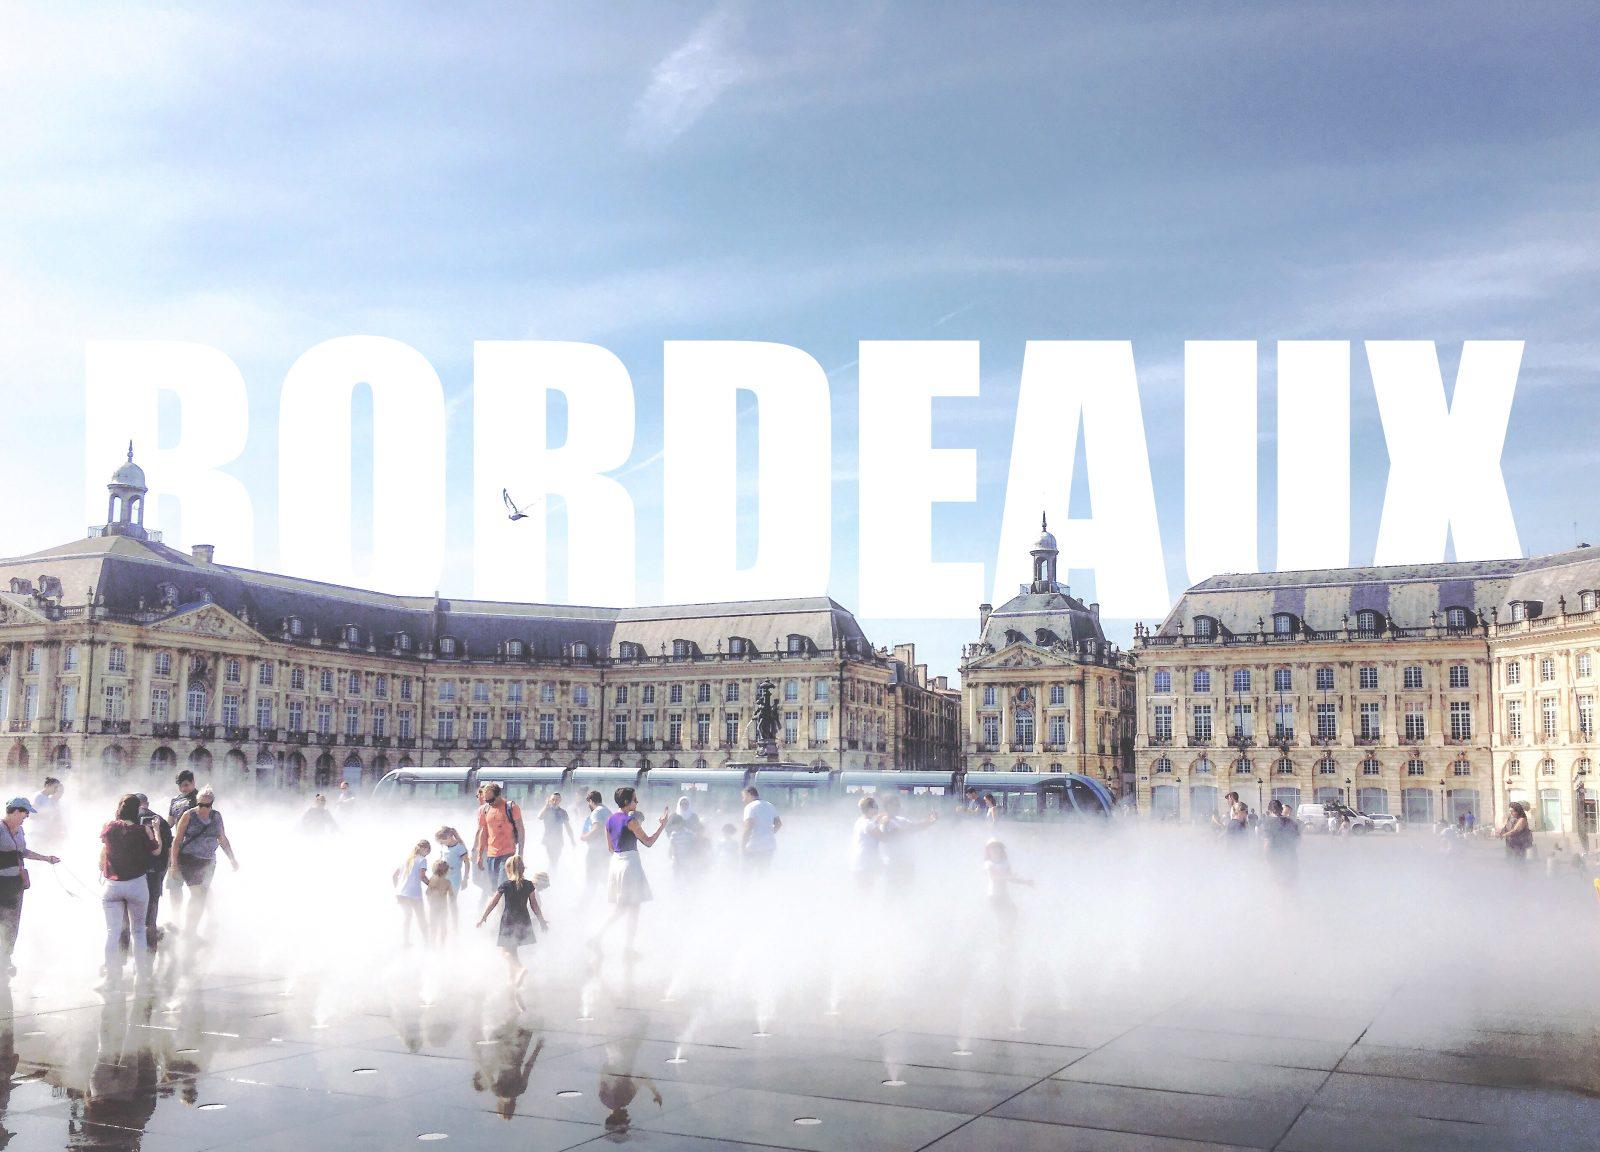 mirroir d'eau Bordeaux - FMR Travelblog